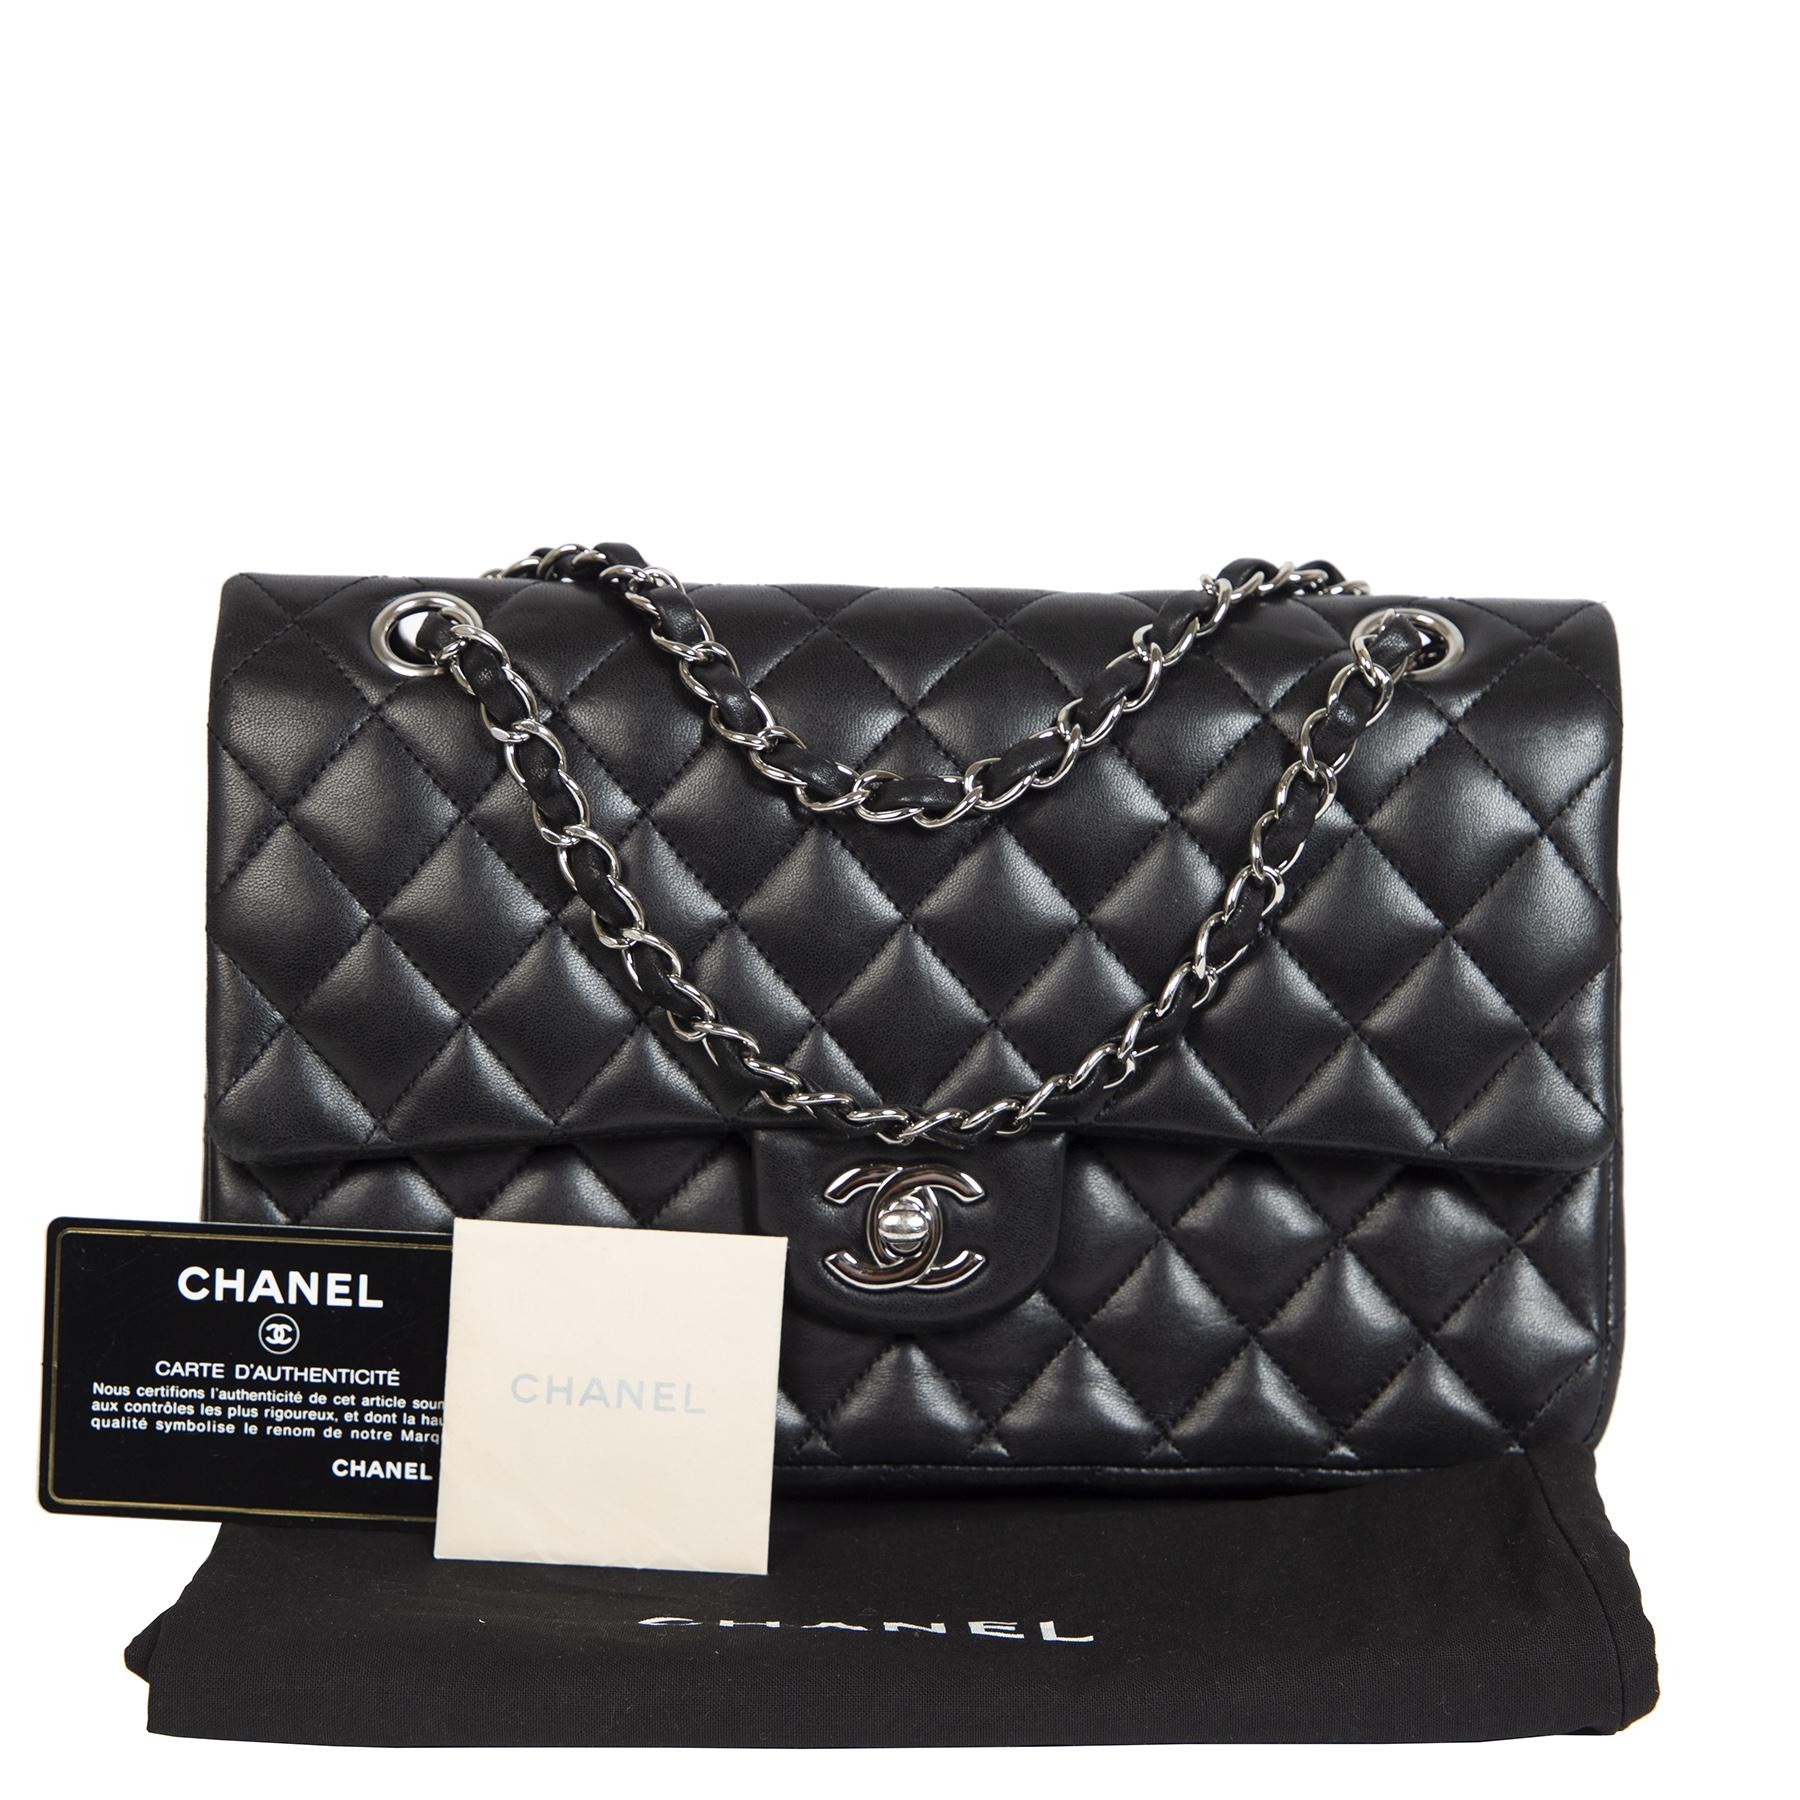 Chanel Medium Classic Black Quilted Double Flap Lambskin Bag te koop bij Labellov tweedehands luxe